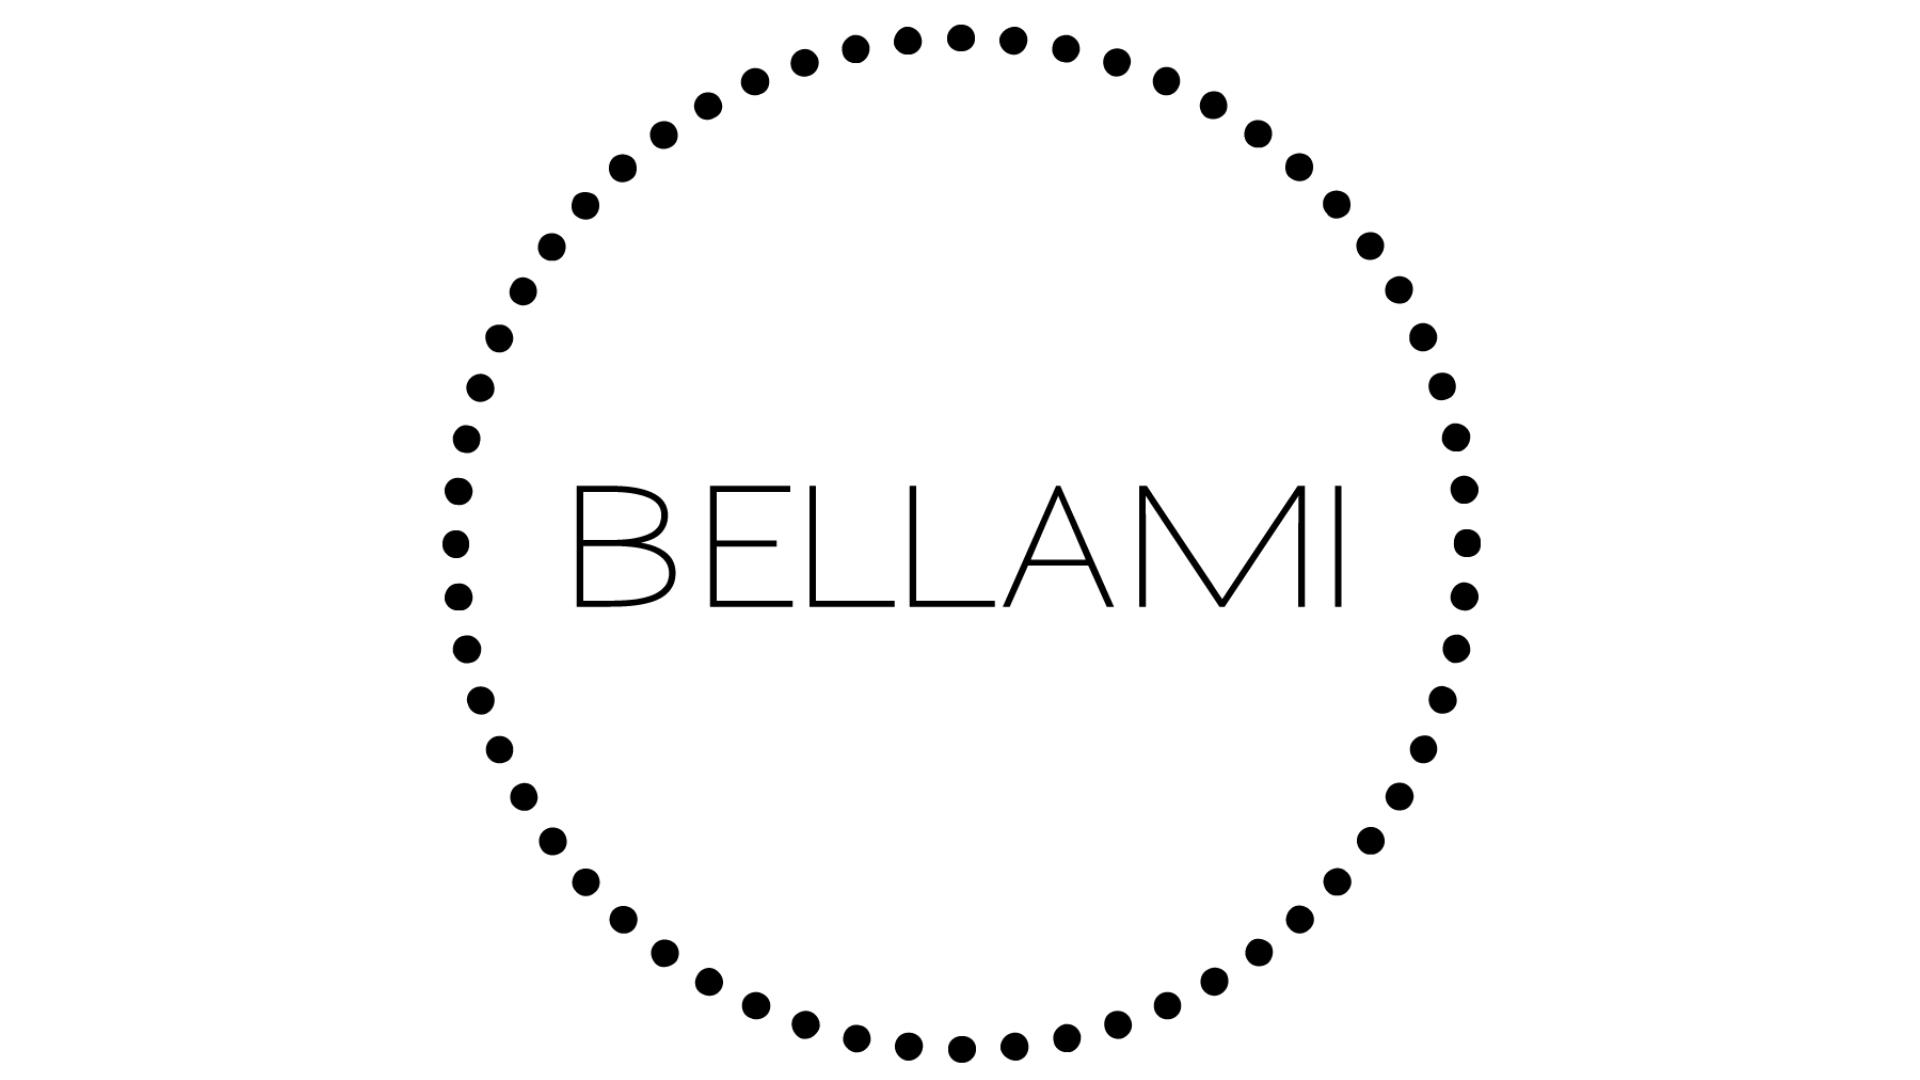 bellami-logo (1).png